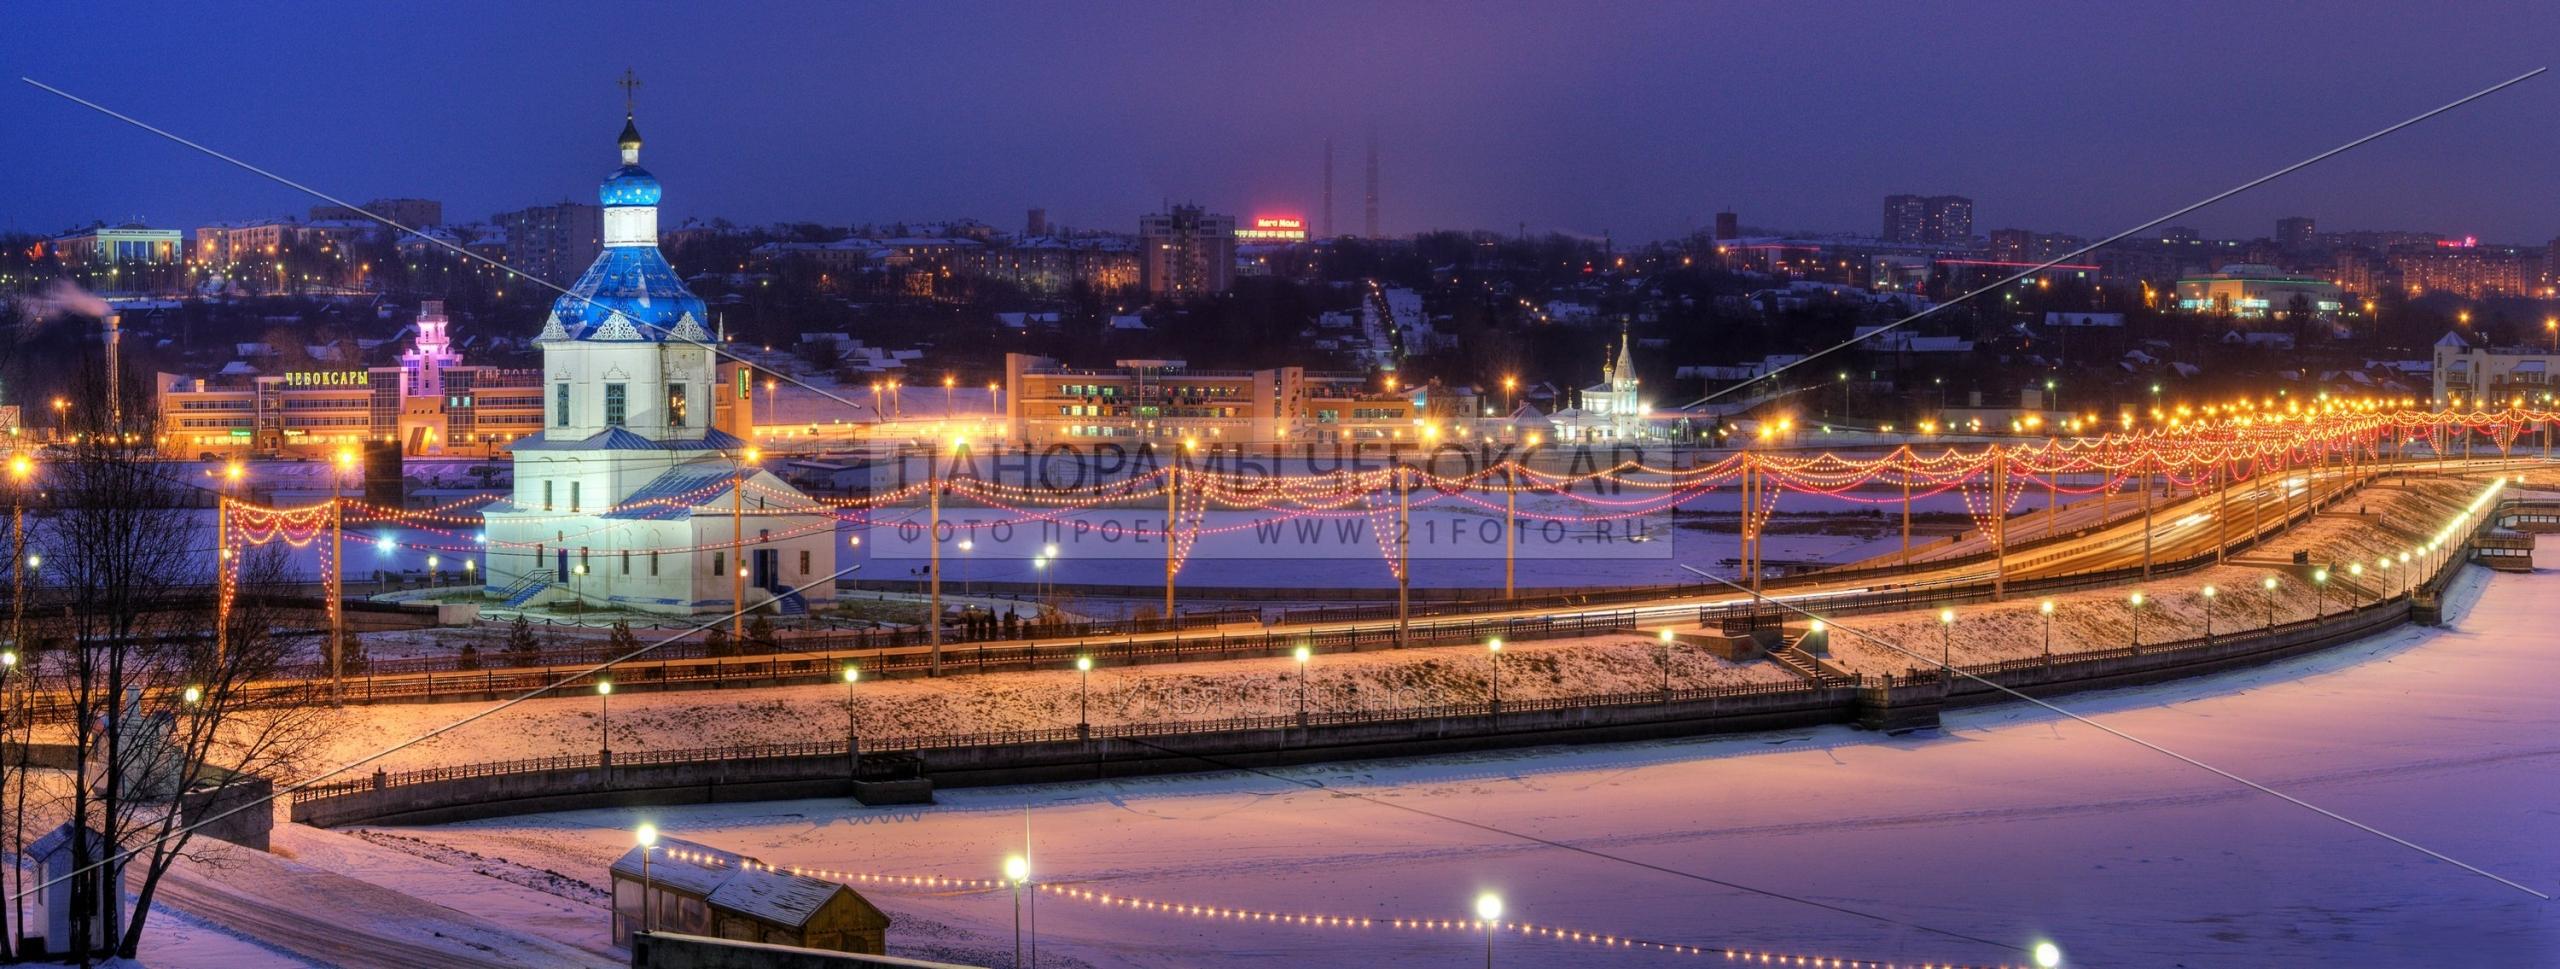 Дорога к храму зимним вечером, Илья Степанов — Чебоксары